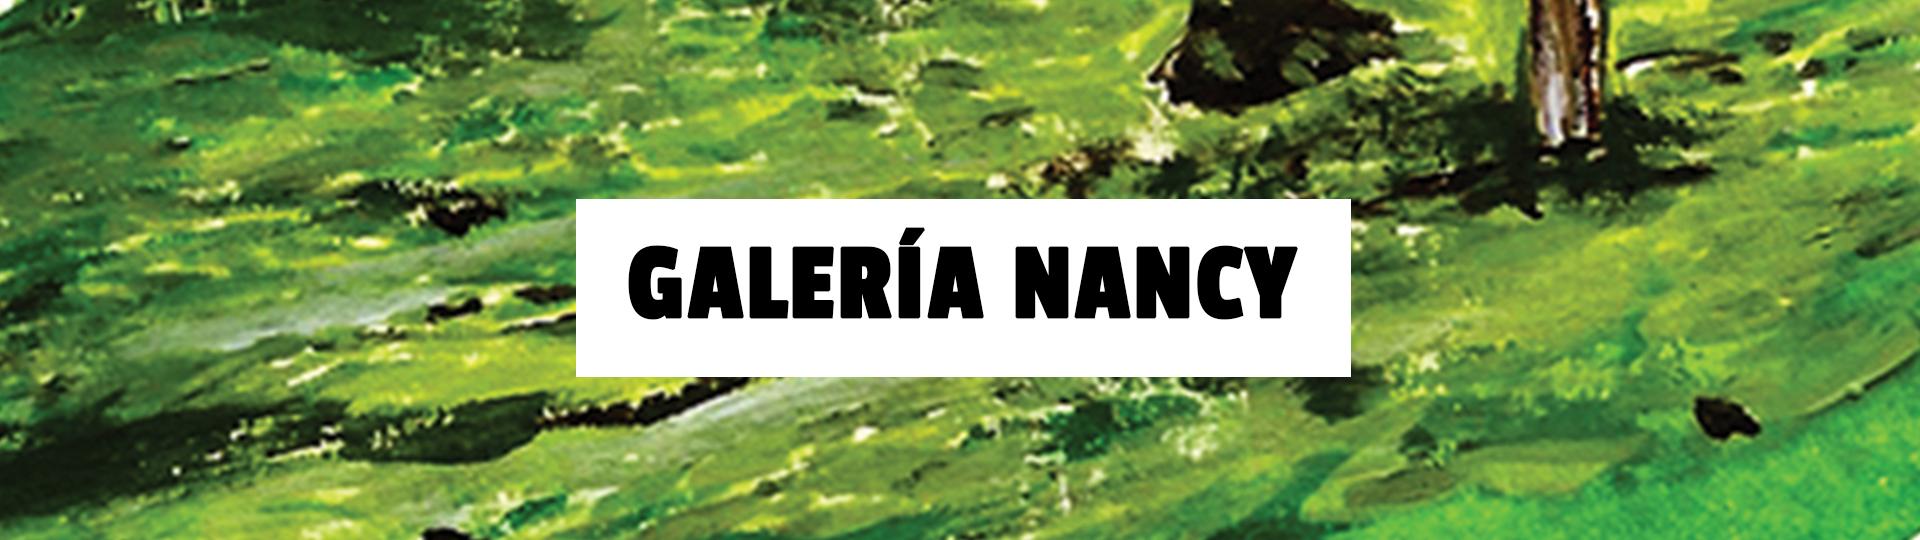 galeria-nancy-1